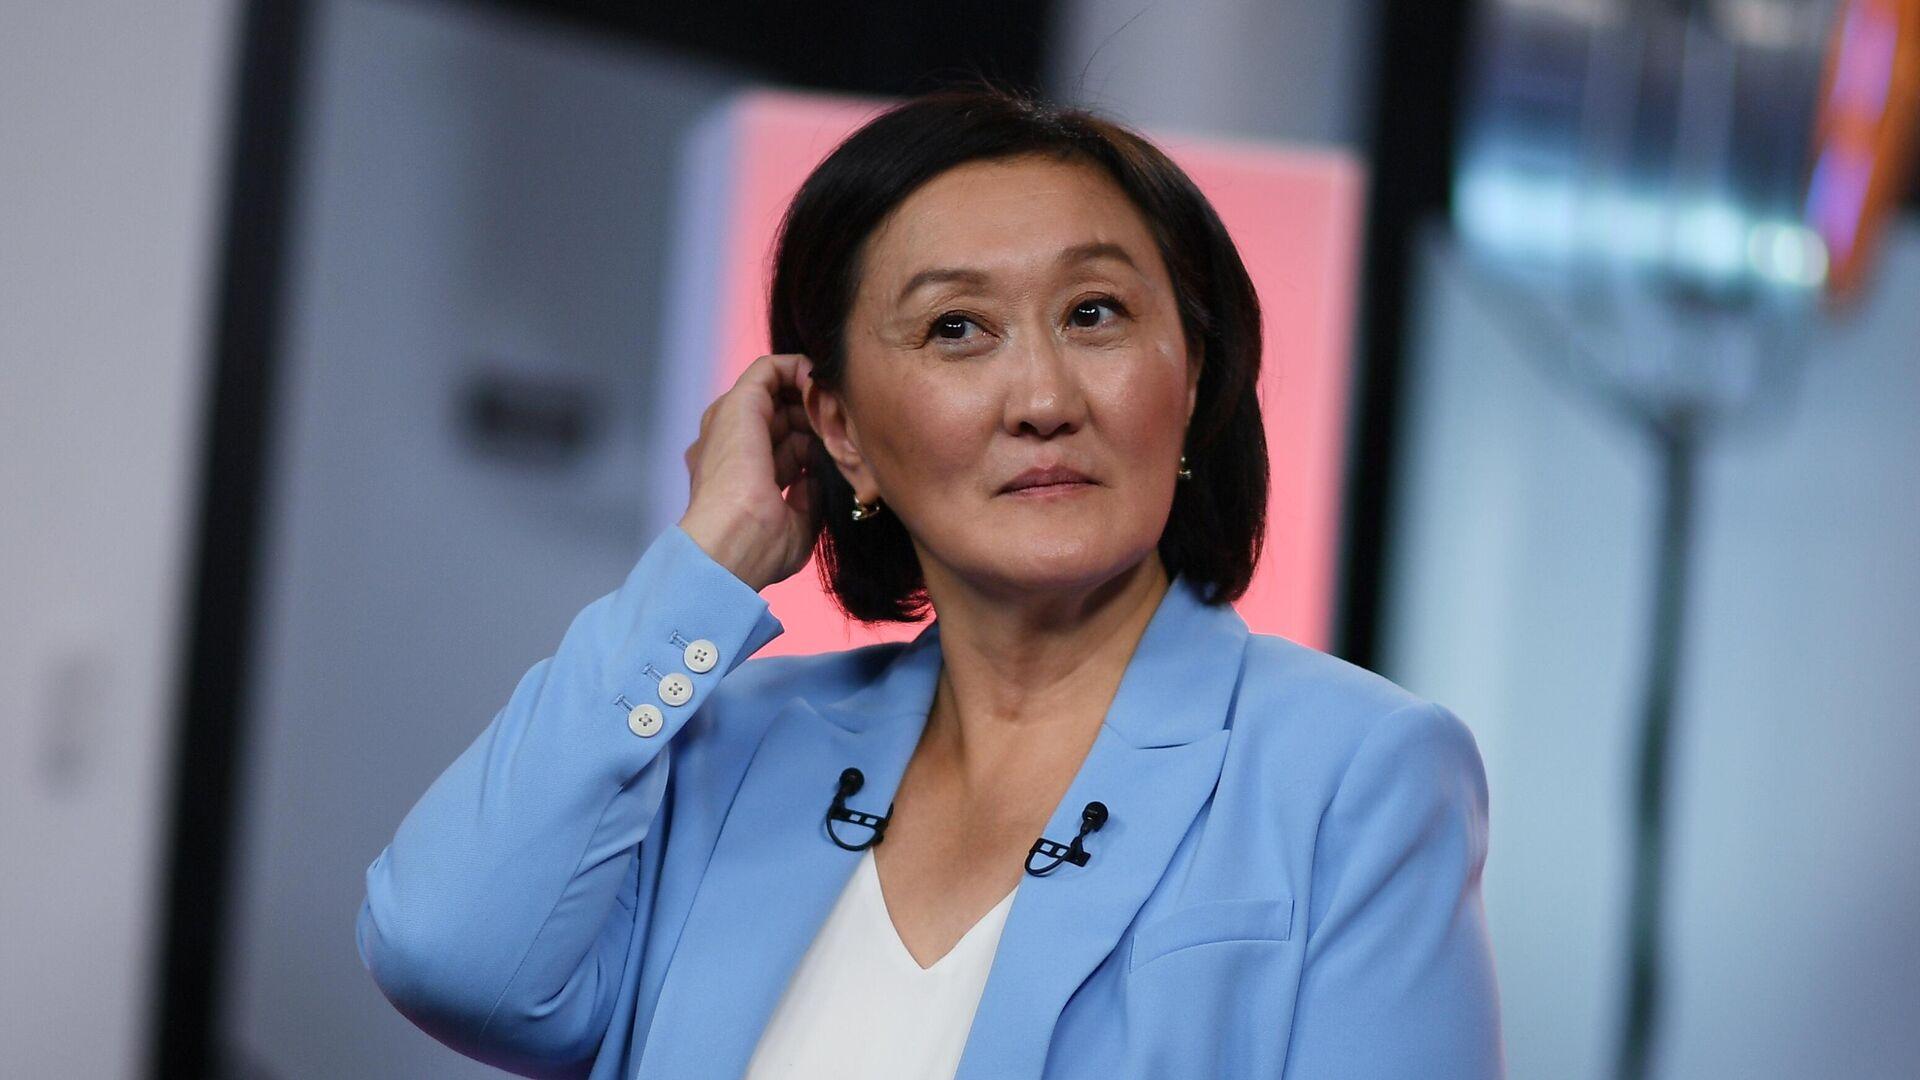 Авксентьева призвала женщин идти в политику, сравнив себя с солдатом Джейн